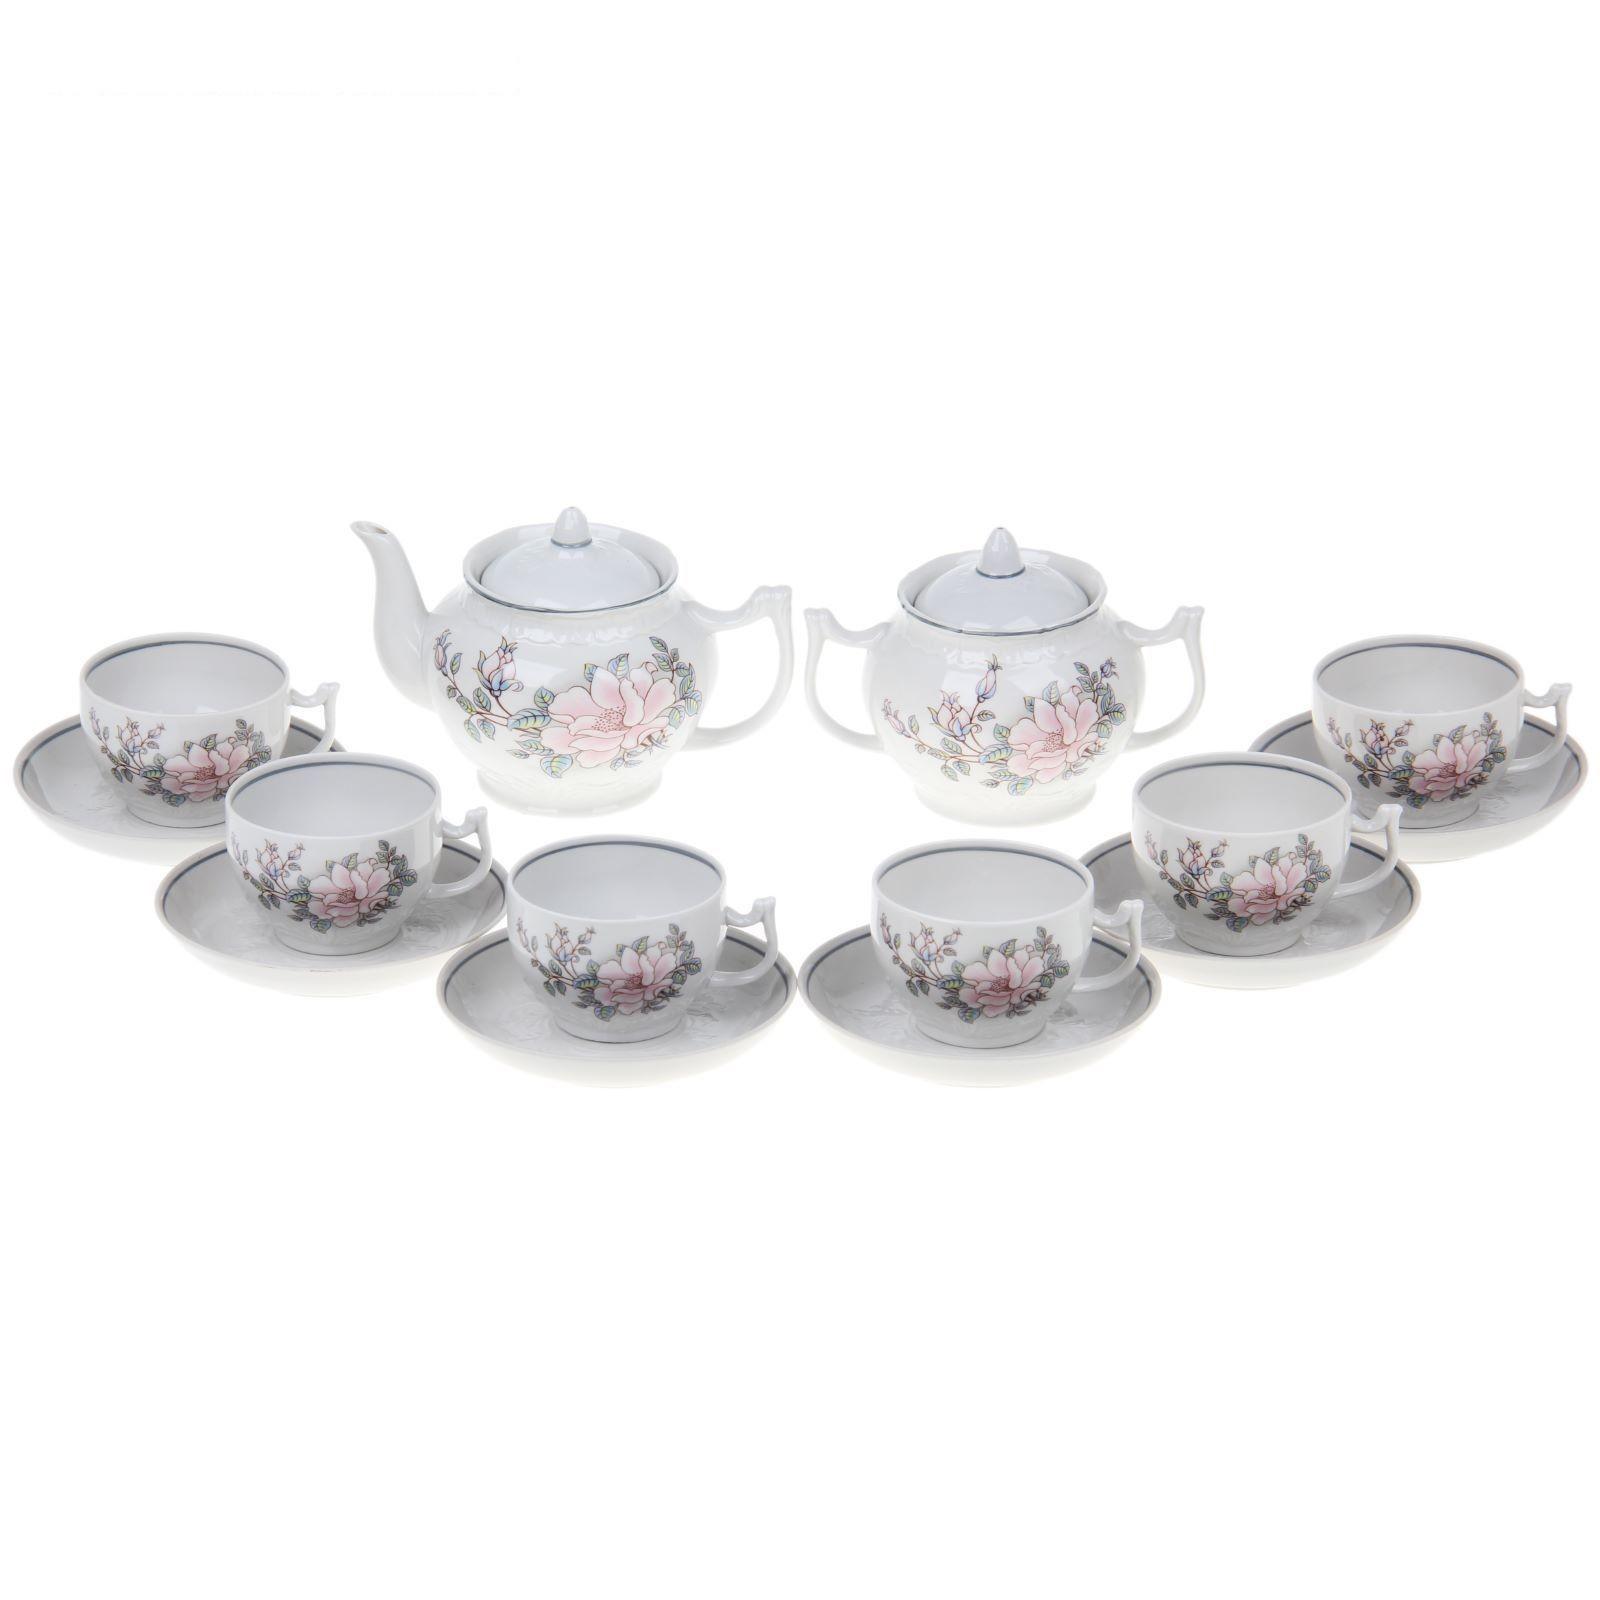 Сервиз чайный 14 предметов 6 персон Контесса УЦЕНКА